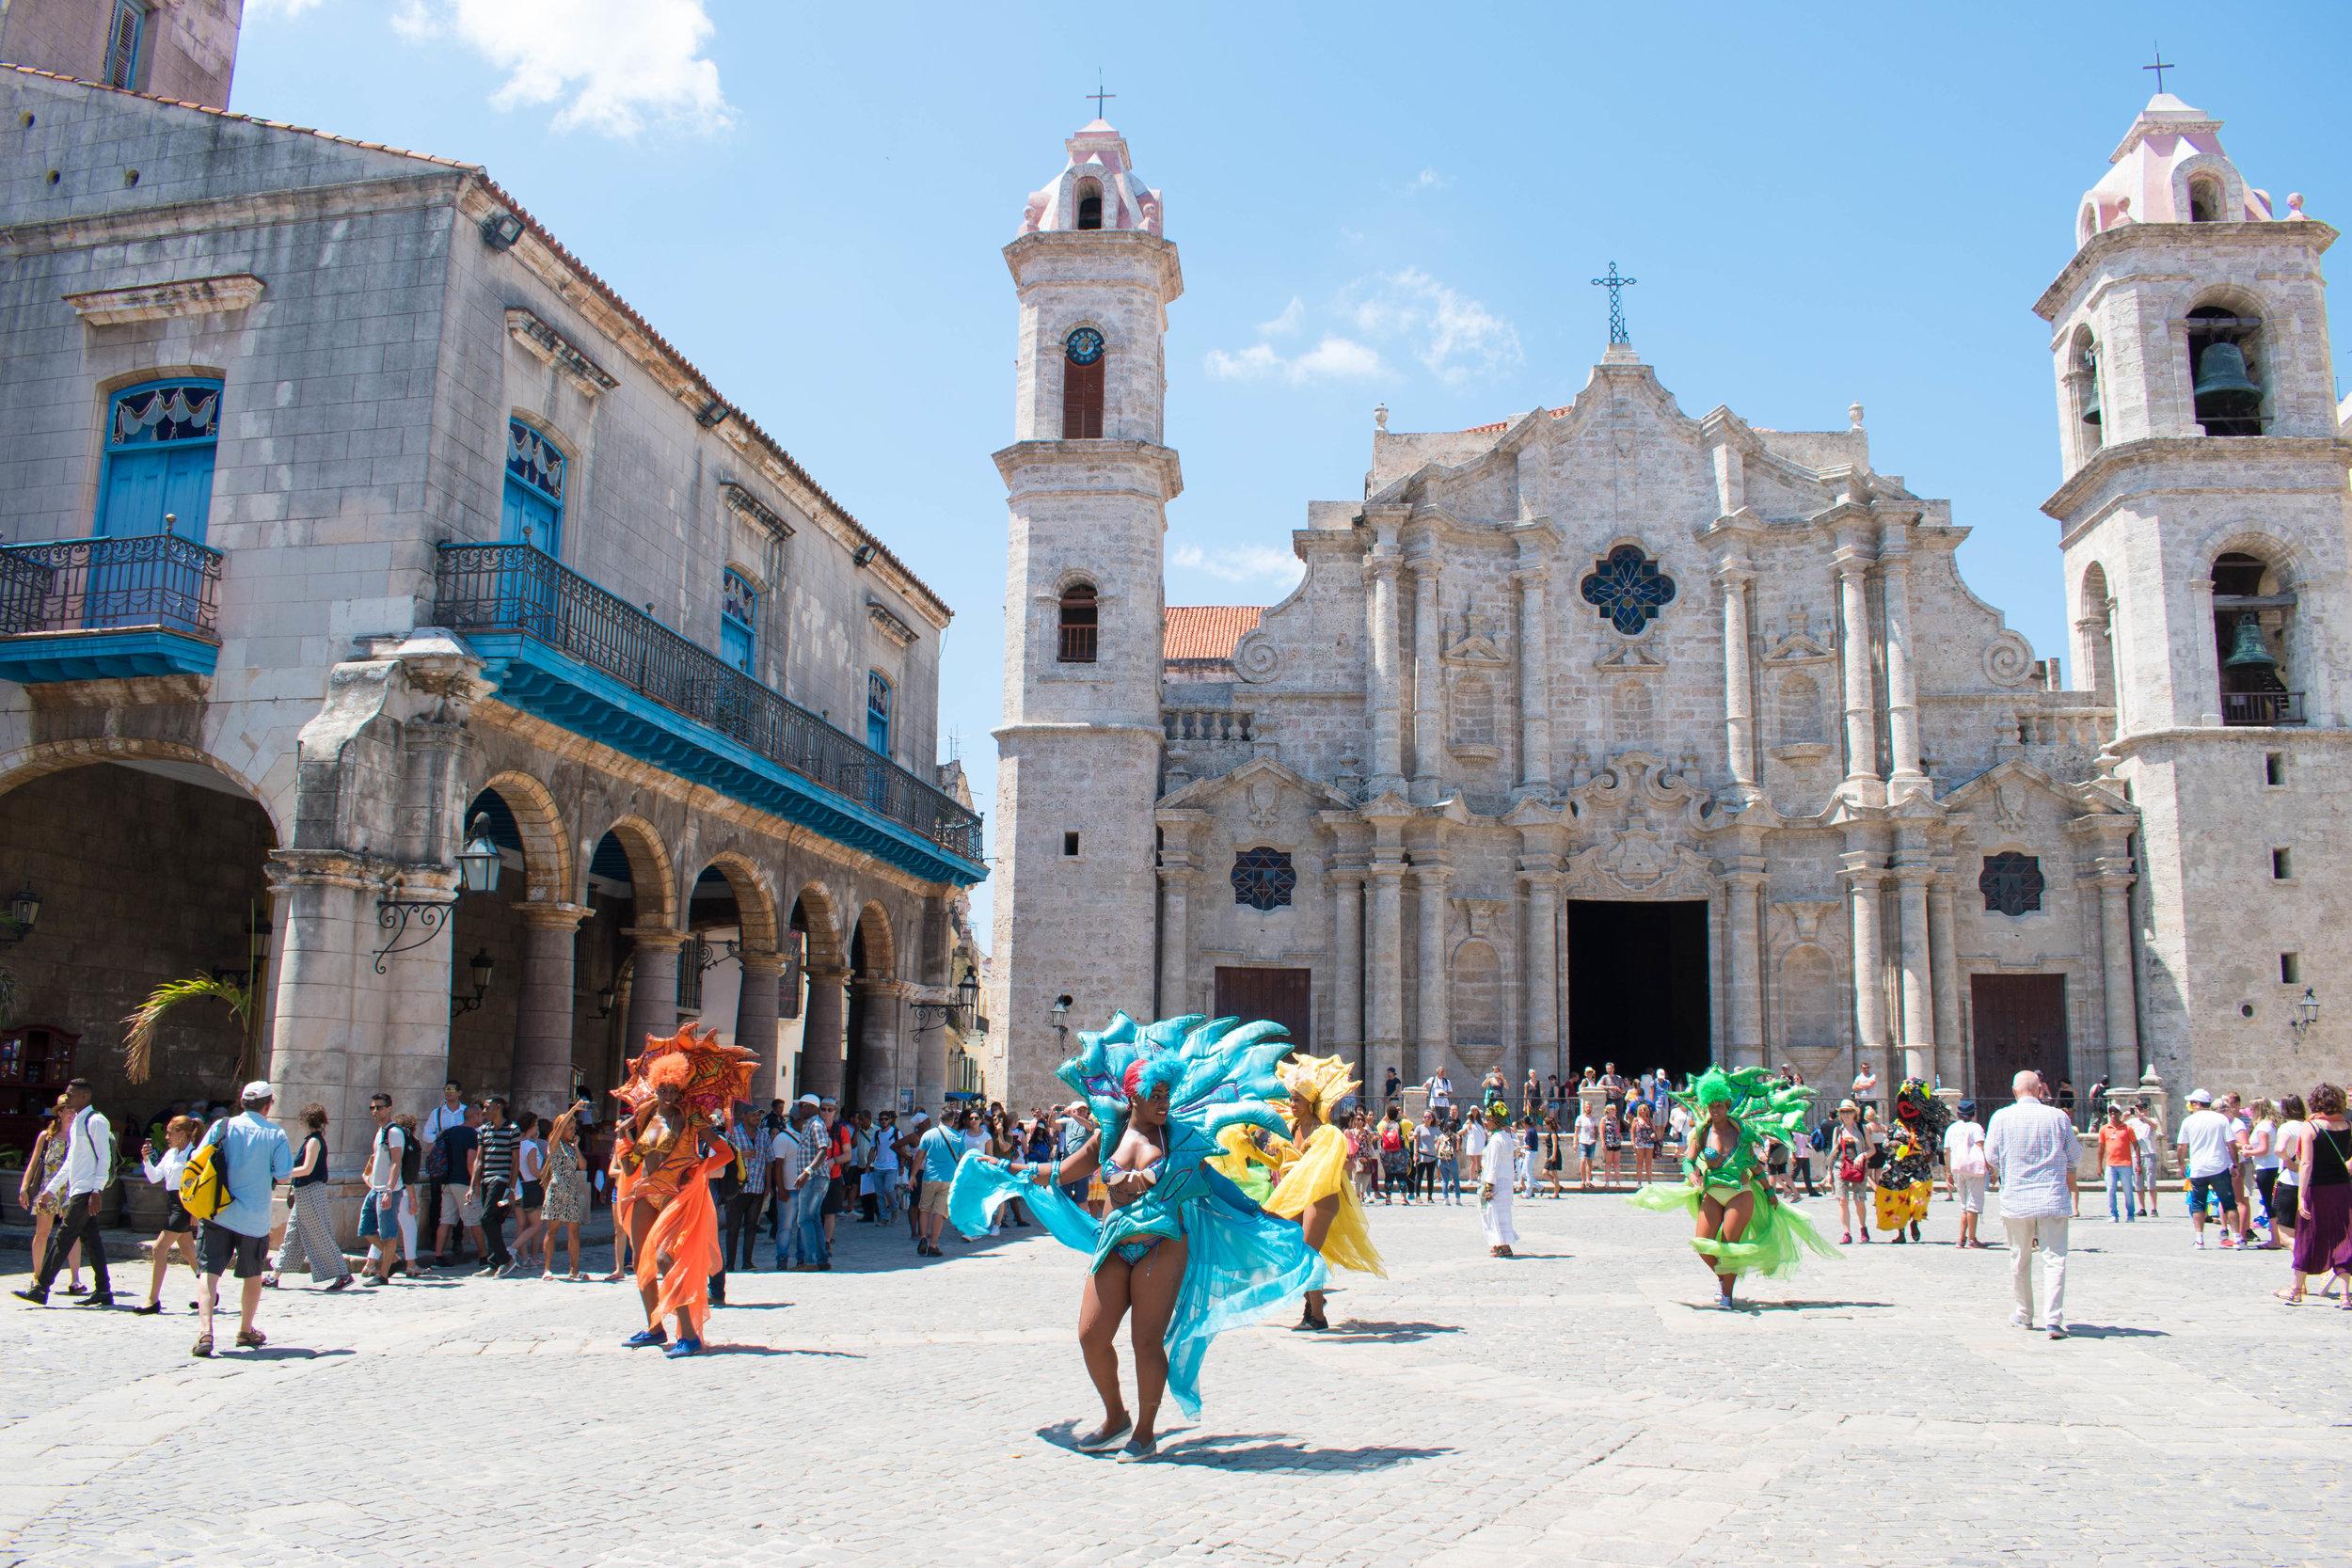 Dancing Locals in the Church Square in Havana, Cuba